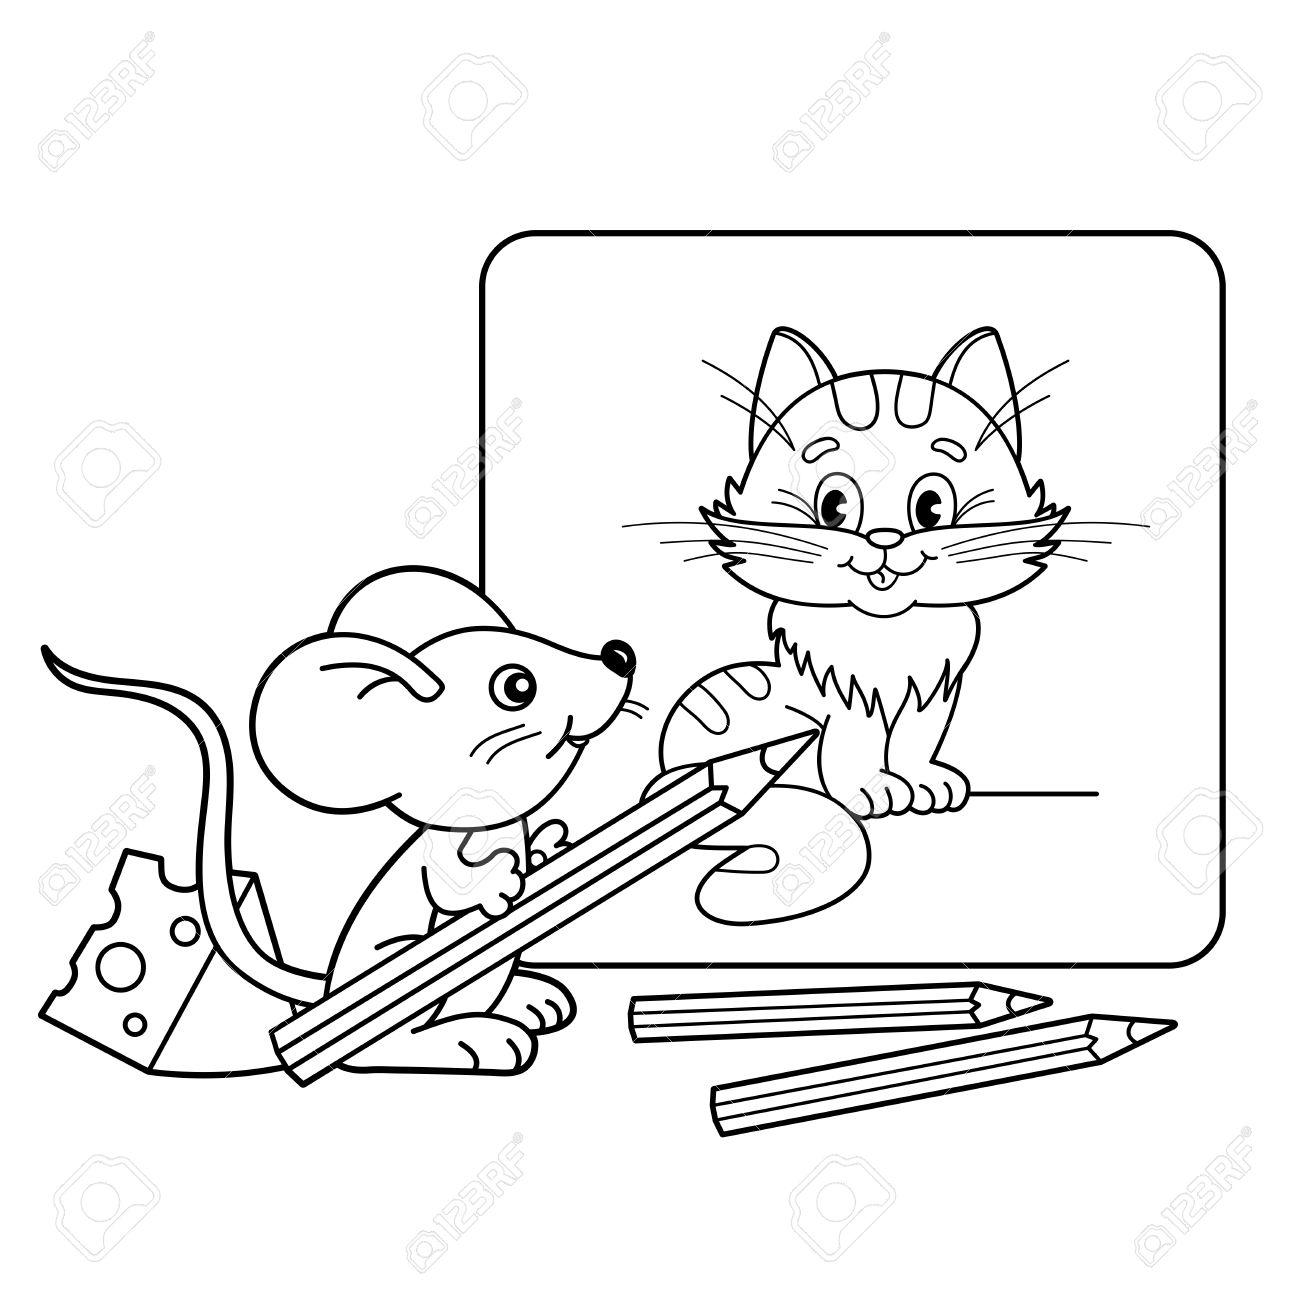 Coloriage Chat Souris.Coloriage Contour De Bande Dessinee Petite Souris Avec Des Crayons Avec Photo De Chat Livre De Coloriage Pour Les Enfants